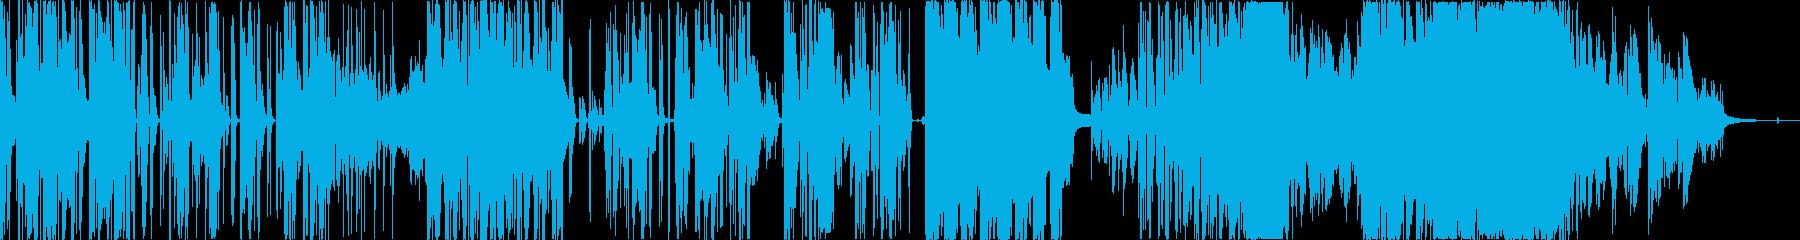 音符の港の再生済みの波形